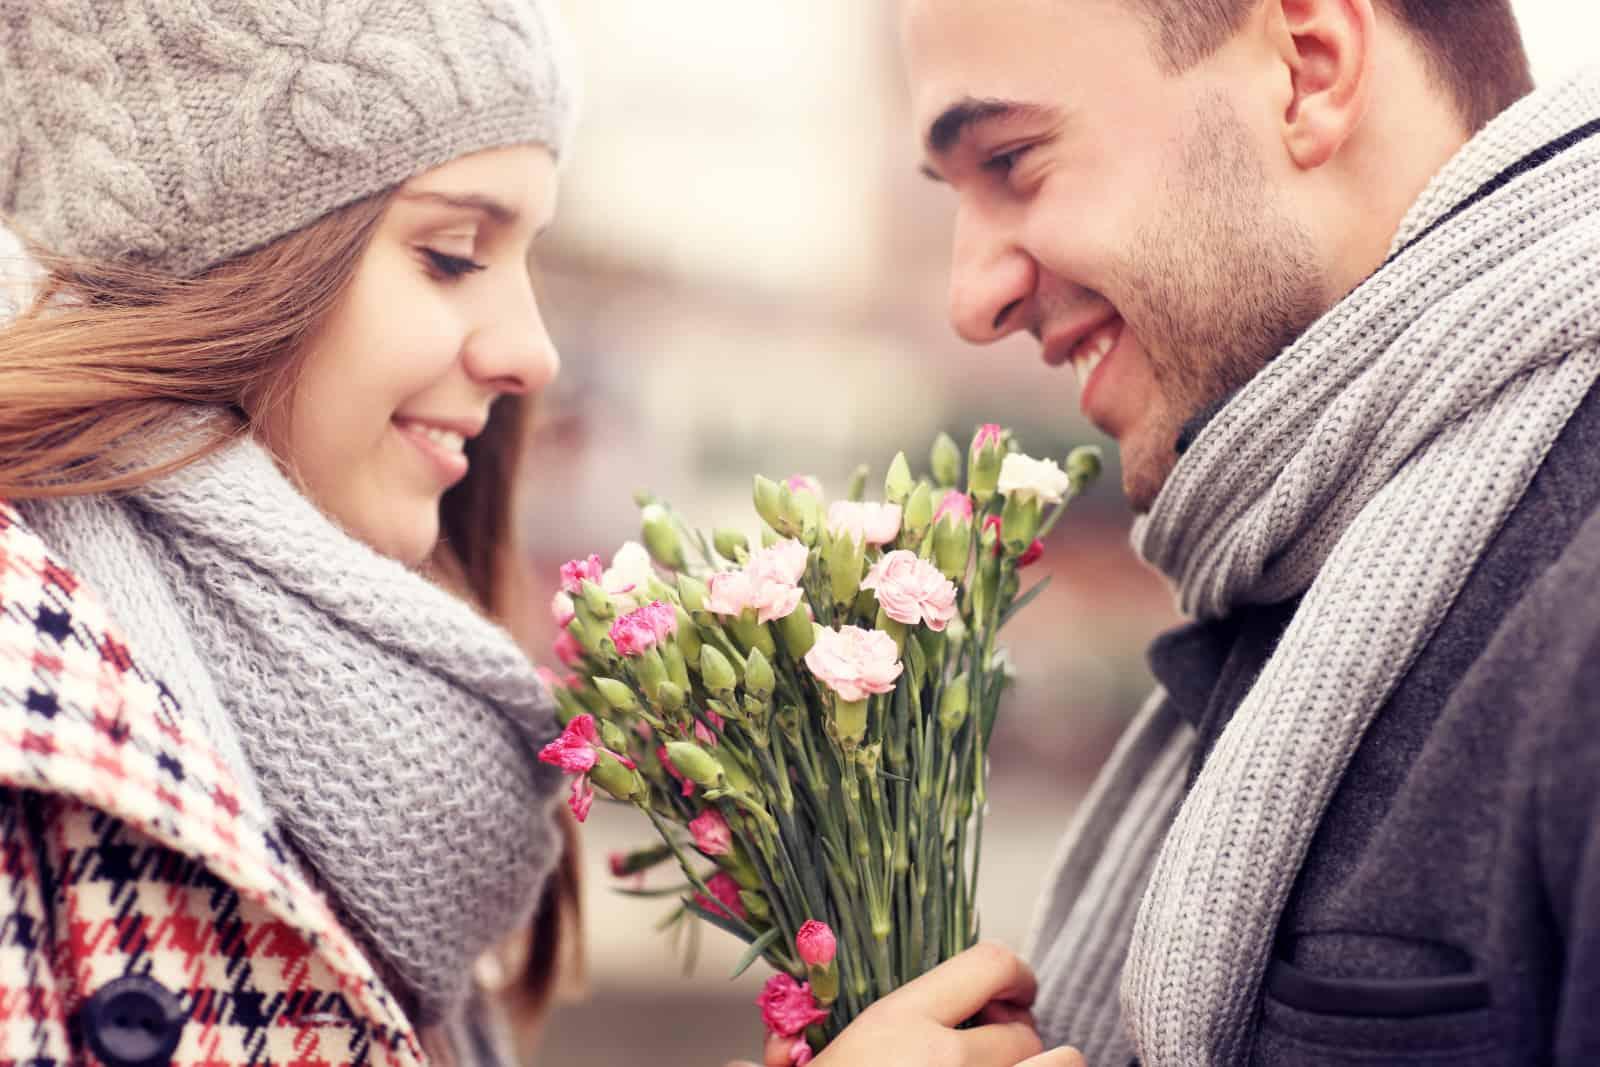 ein Mann, der einem Mädchen Blumen gibt